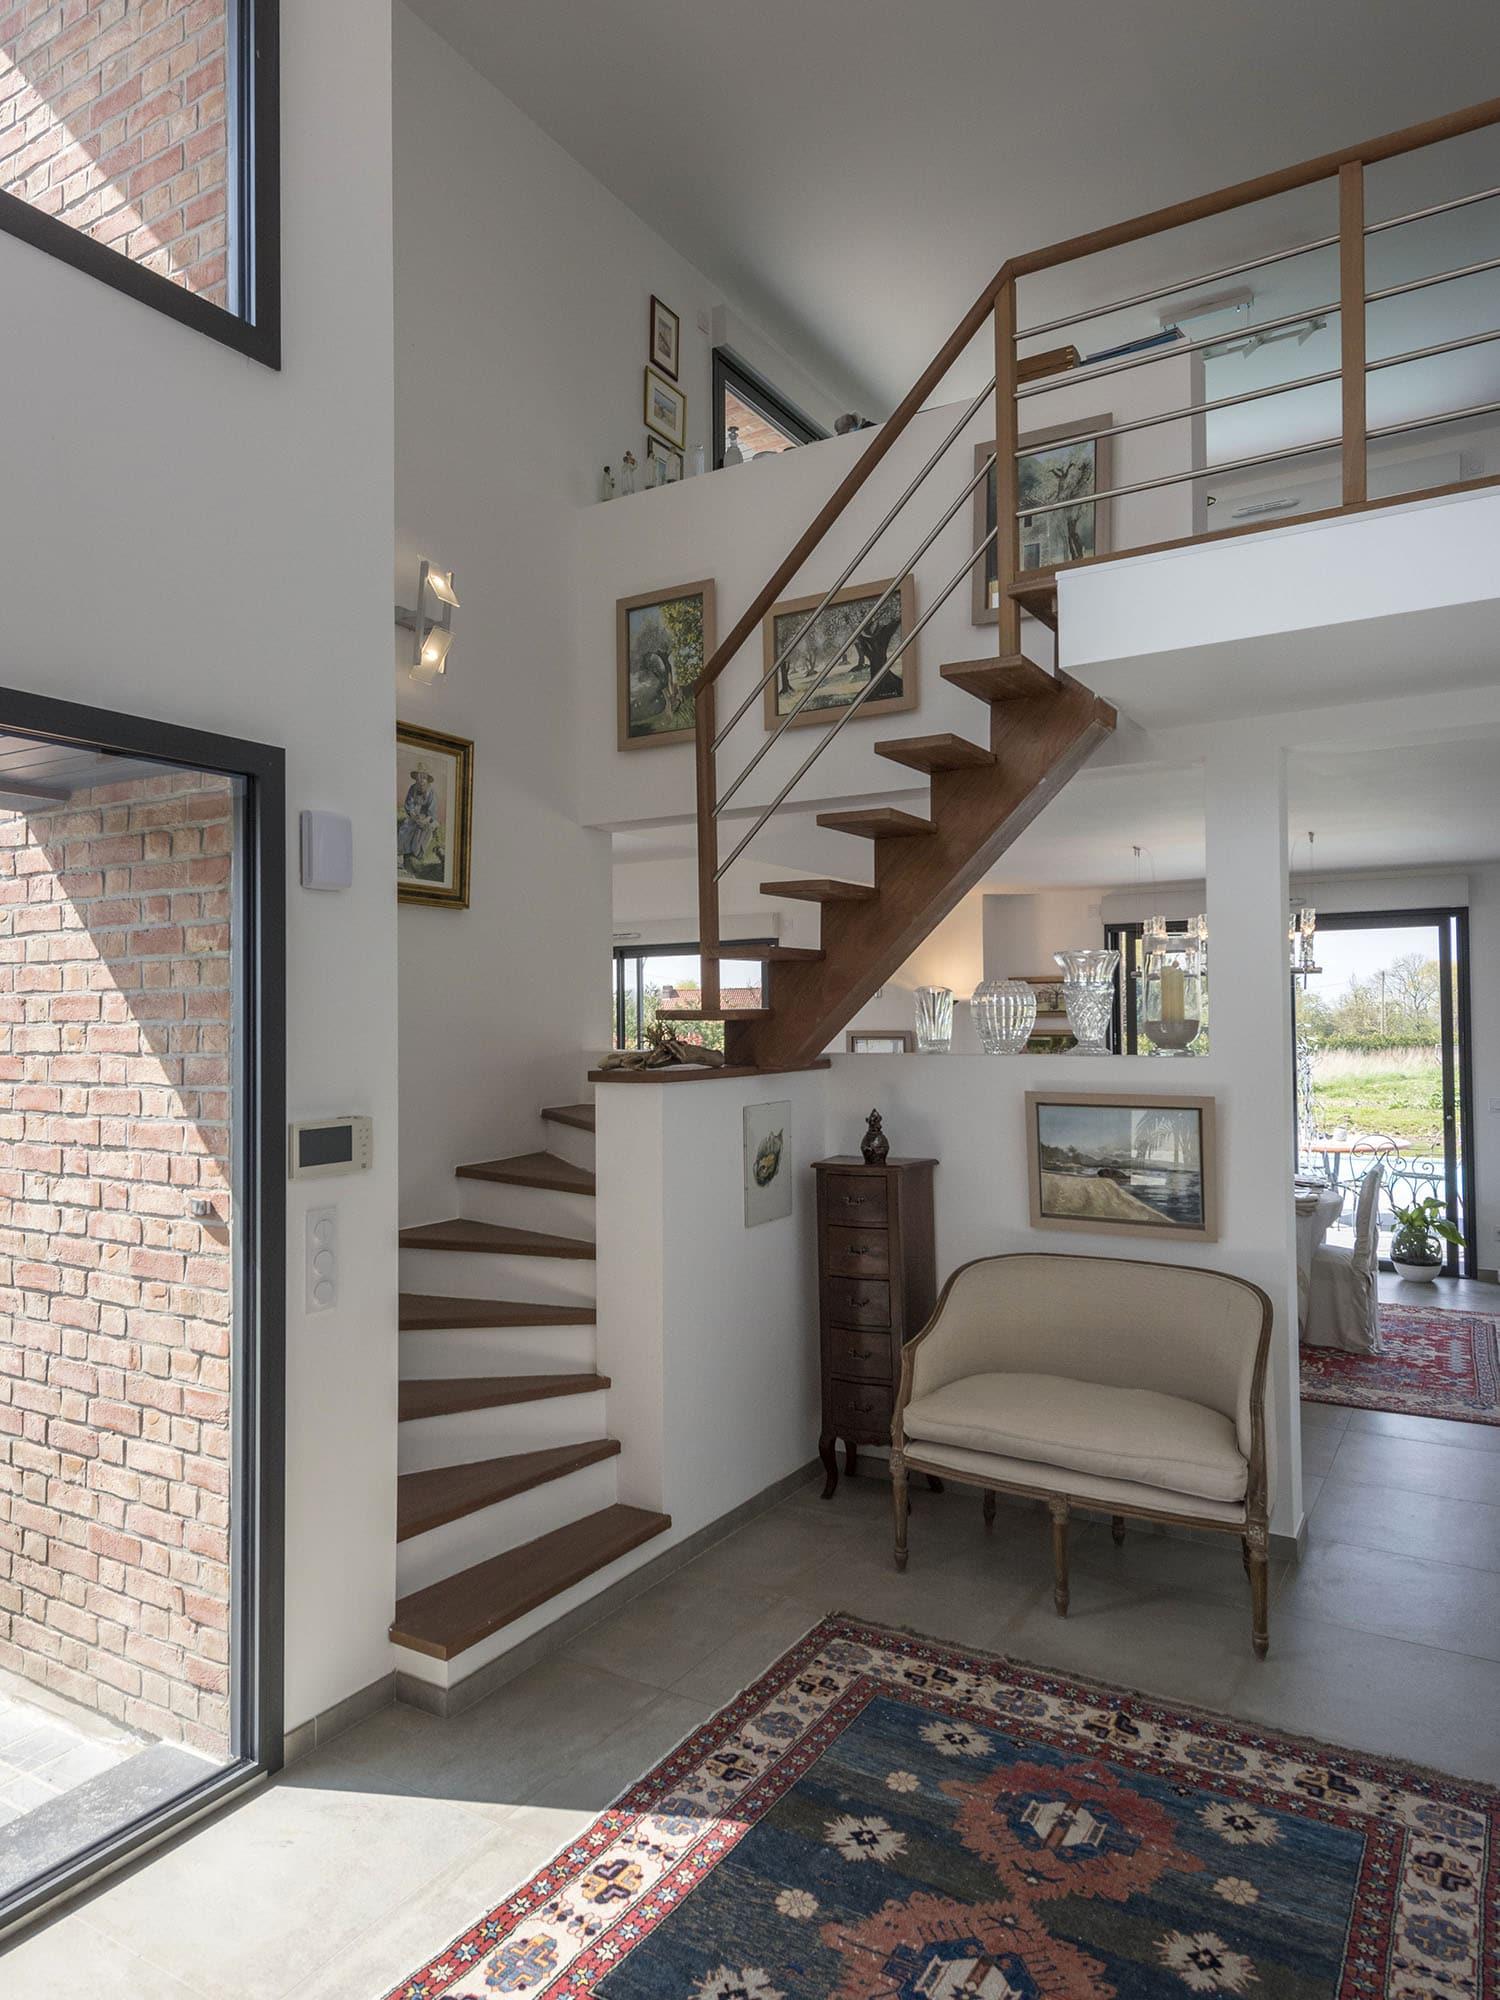 Escalier Interieur Maison Moderne hd wallpapers escalier interieur maison contemporaine cobra